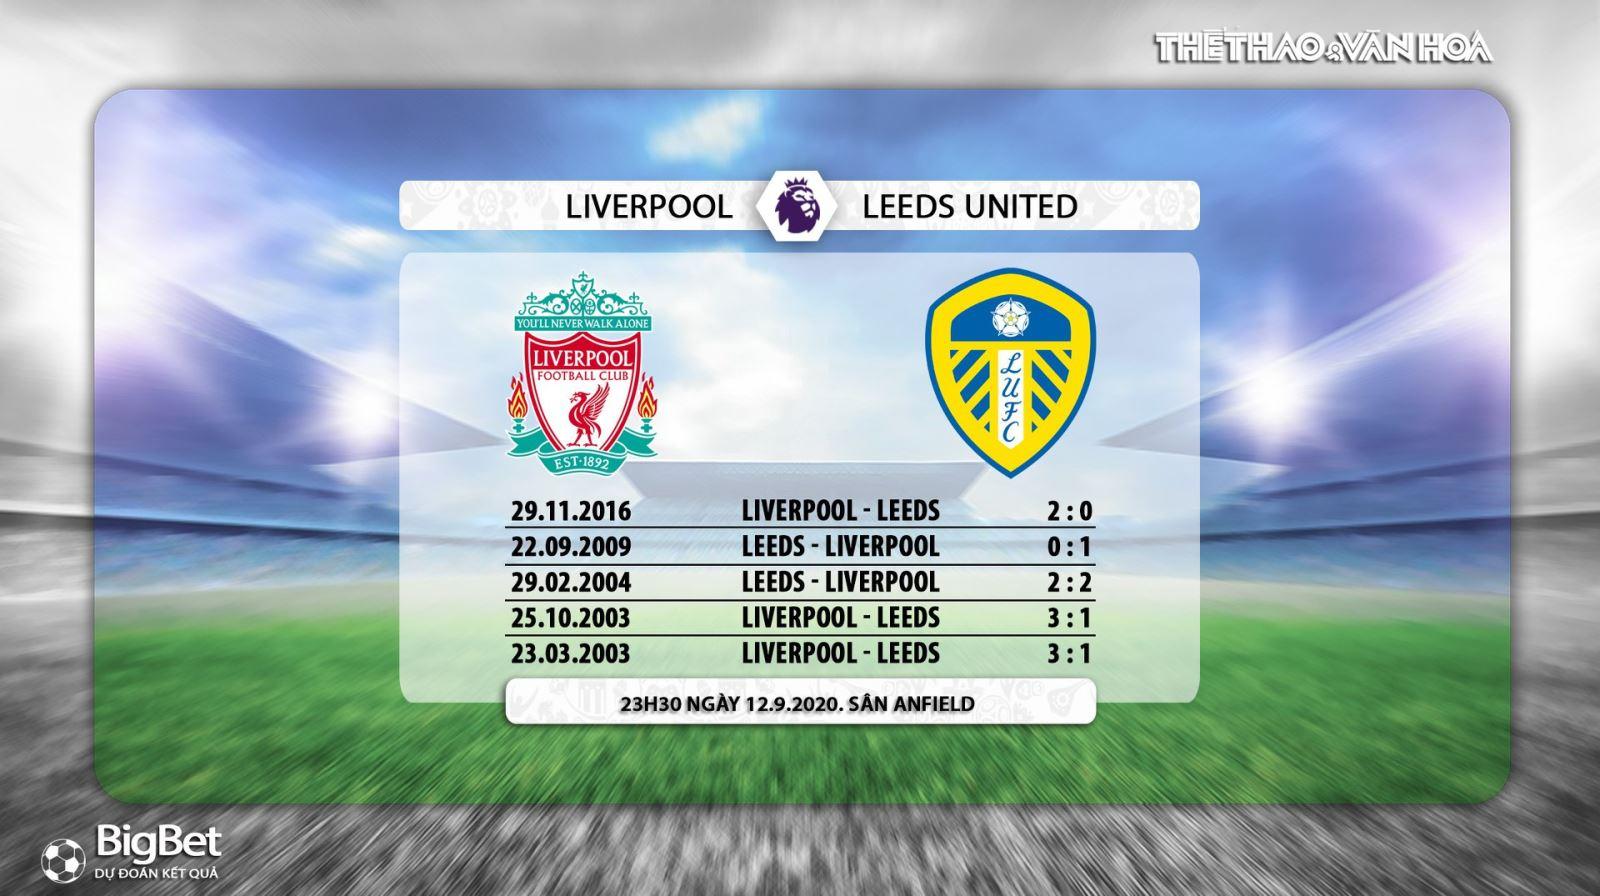 Liverpool vs Leeds United, liverpool, leeds, soi kèo, soi kèo Liverpool vs Leeds United, trực tiếp Liverpool vs Leeds United, bóng đá, bóng đá hôm nay